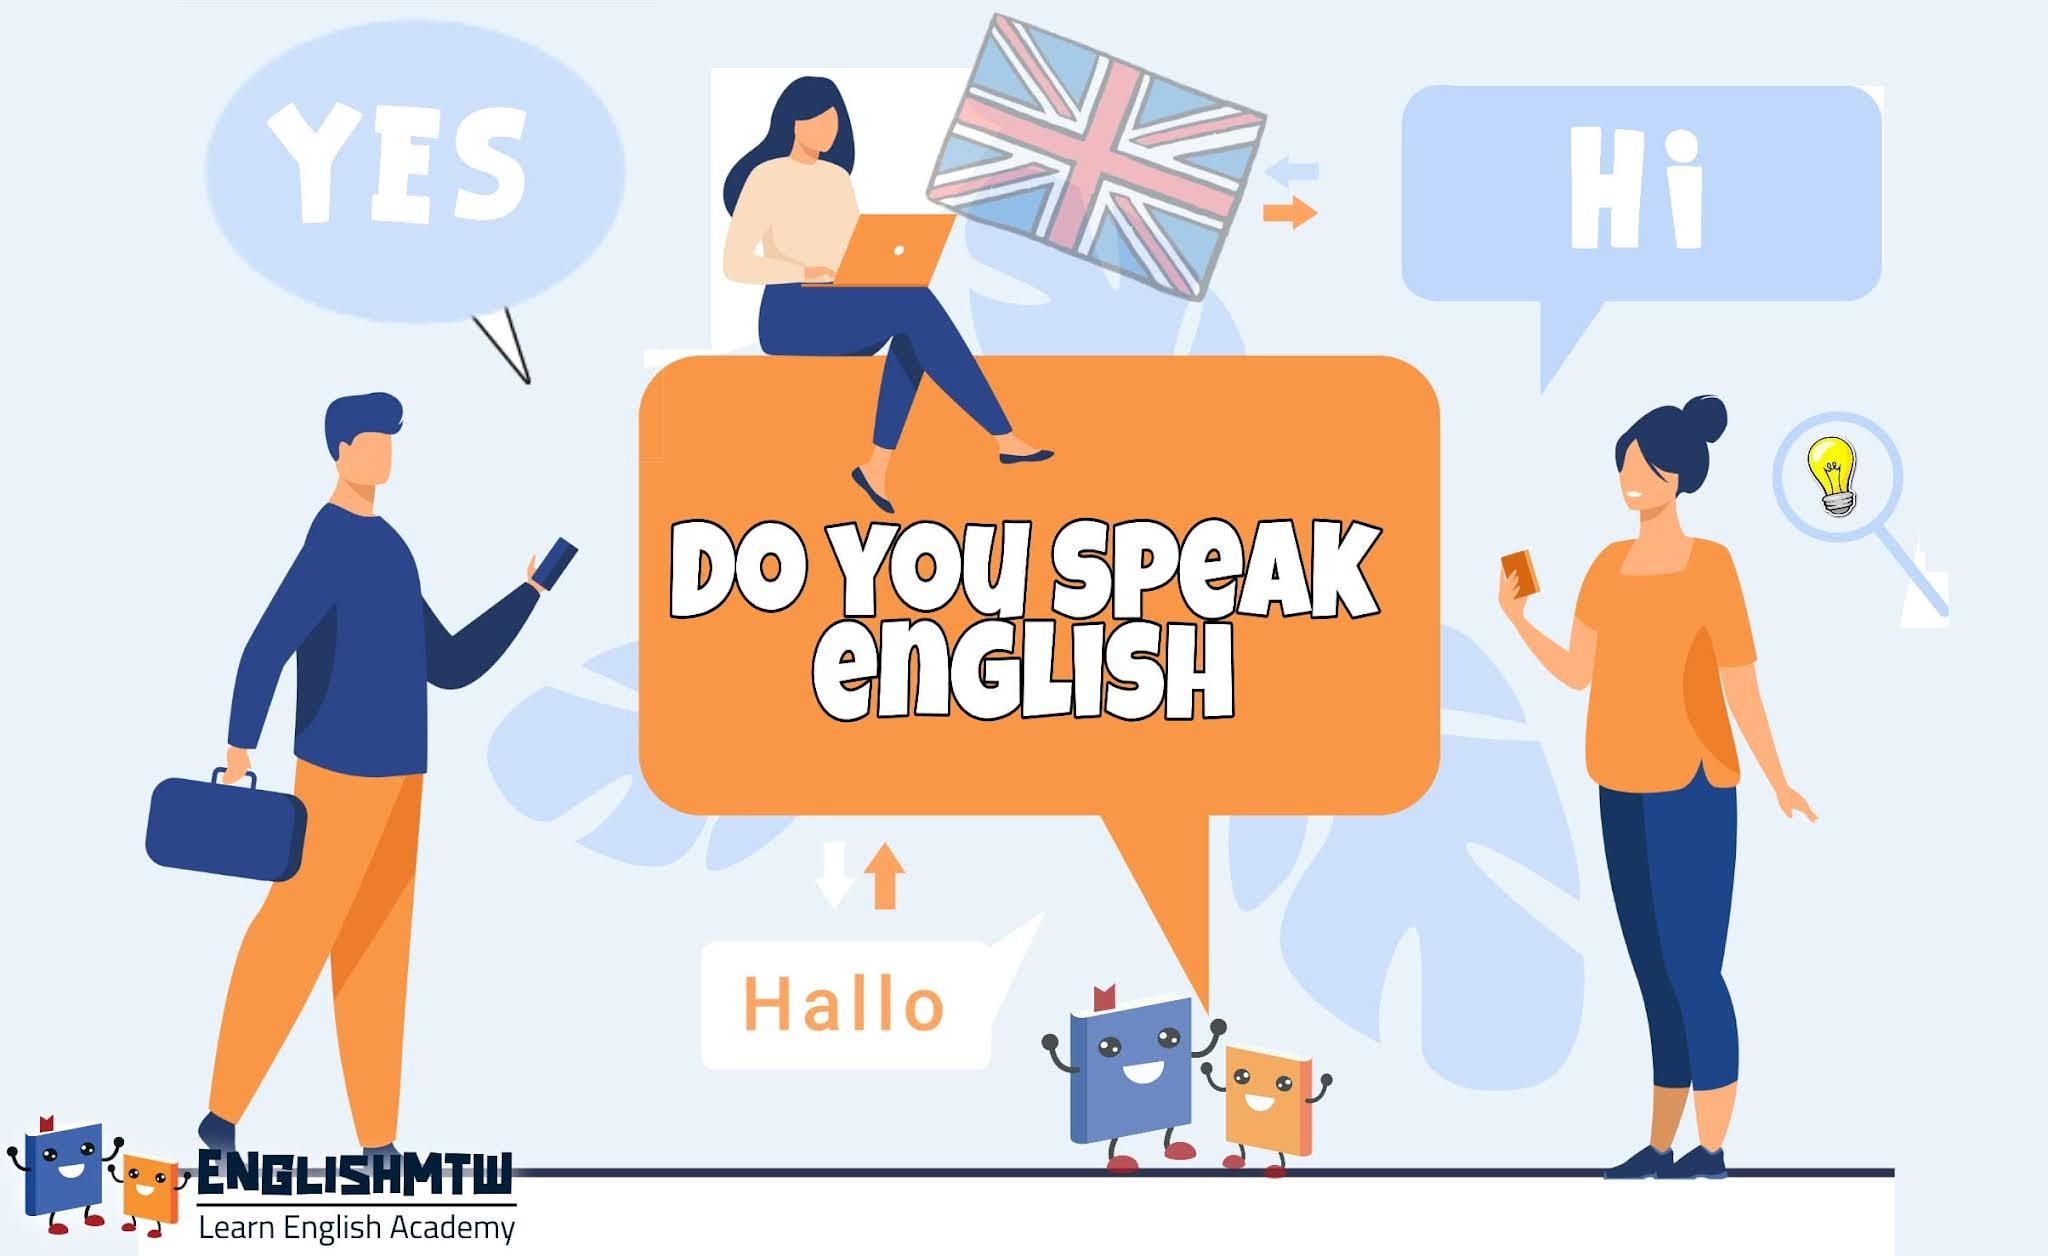 طرق لكيفية تحسين مهارة التحدث باللغة الإنجليزية